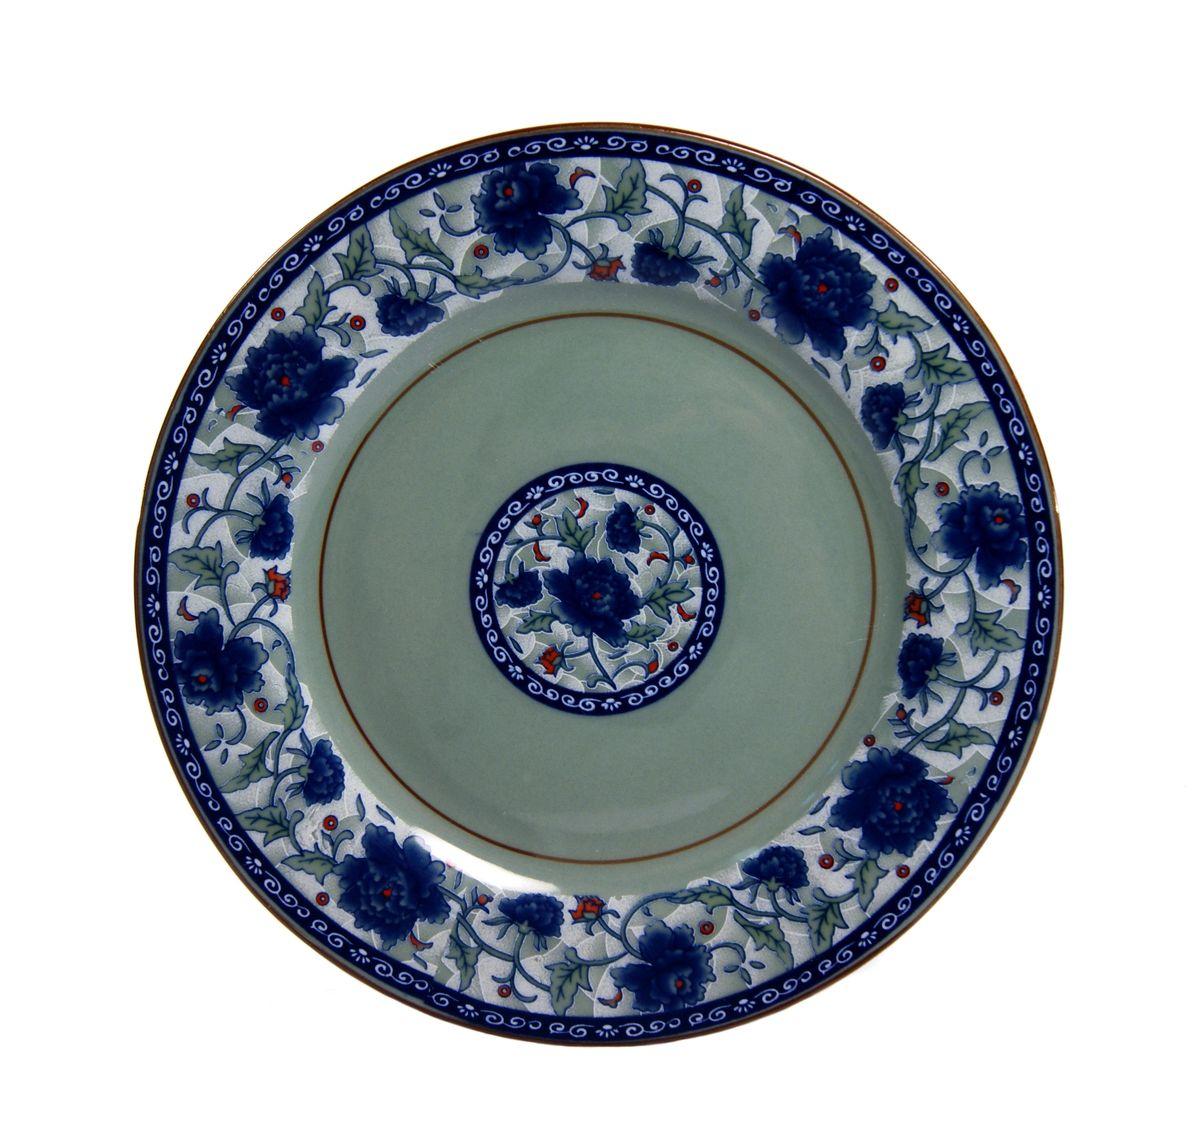 Тарелка Nanshan Porcelain Харбин, диаметр 18 смGNNSHB028Тарелка Nanshan Porcelain Харбин изготовлена из высококачественной керамики. Предназначена для красивой подачи различных блюд. Изделие украшено ярким рисунком. Такая тарелка украсит сервировку стола и подчеркнет прекрасный вкус хозяйки. Можно мыть в посудомоечной машине и использовать в микроволновой печи. Диаметр: 18 см. Высота: 2 см.